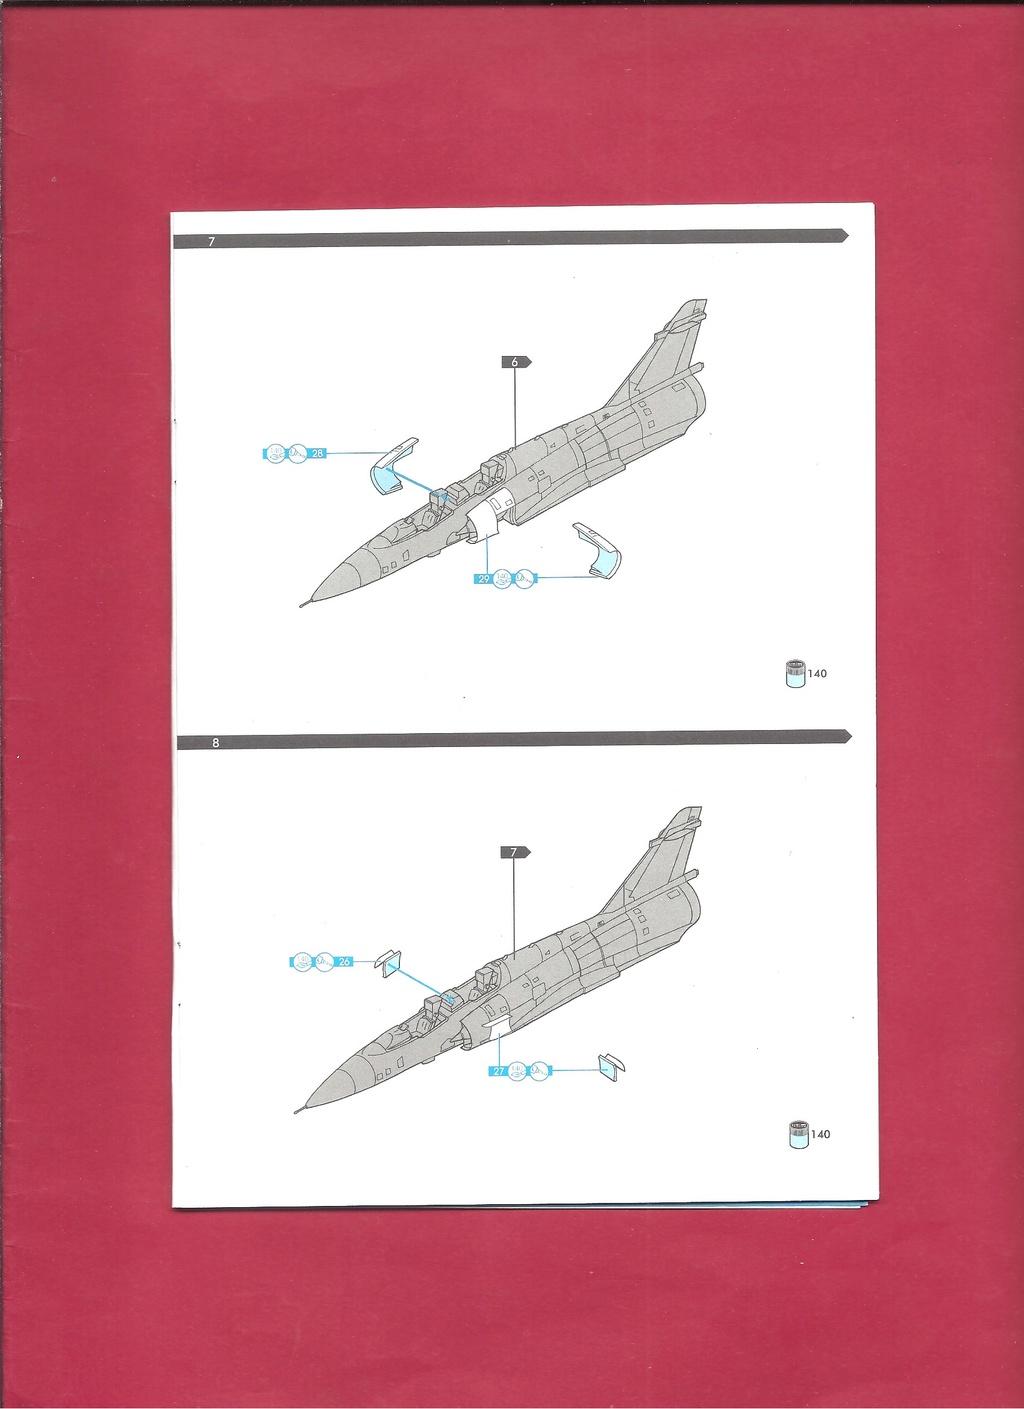 DASSAULT MIRAGE 2000 N 1/72ème Réf 60321 Notice Hell1047